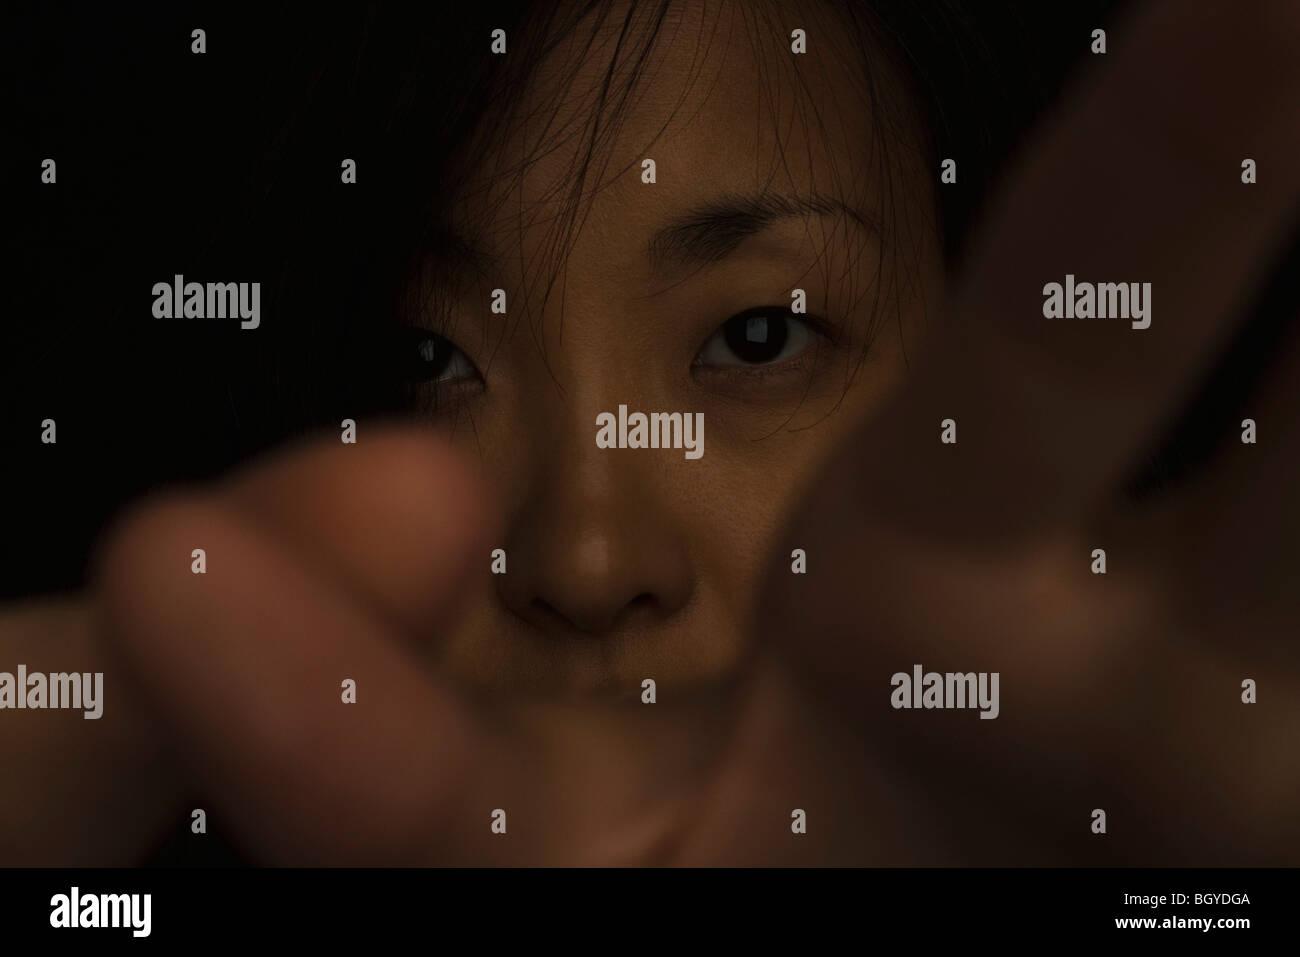 Donna con le mani alzate in difesa, oscurando il volto Immagini Stock